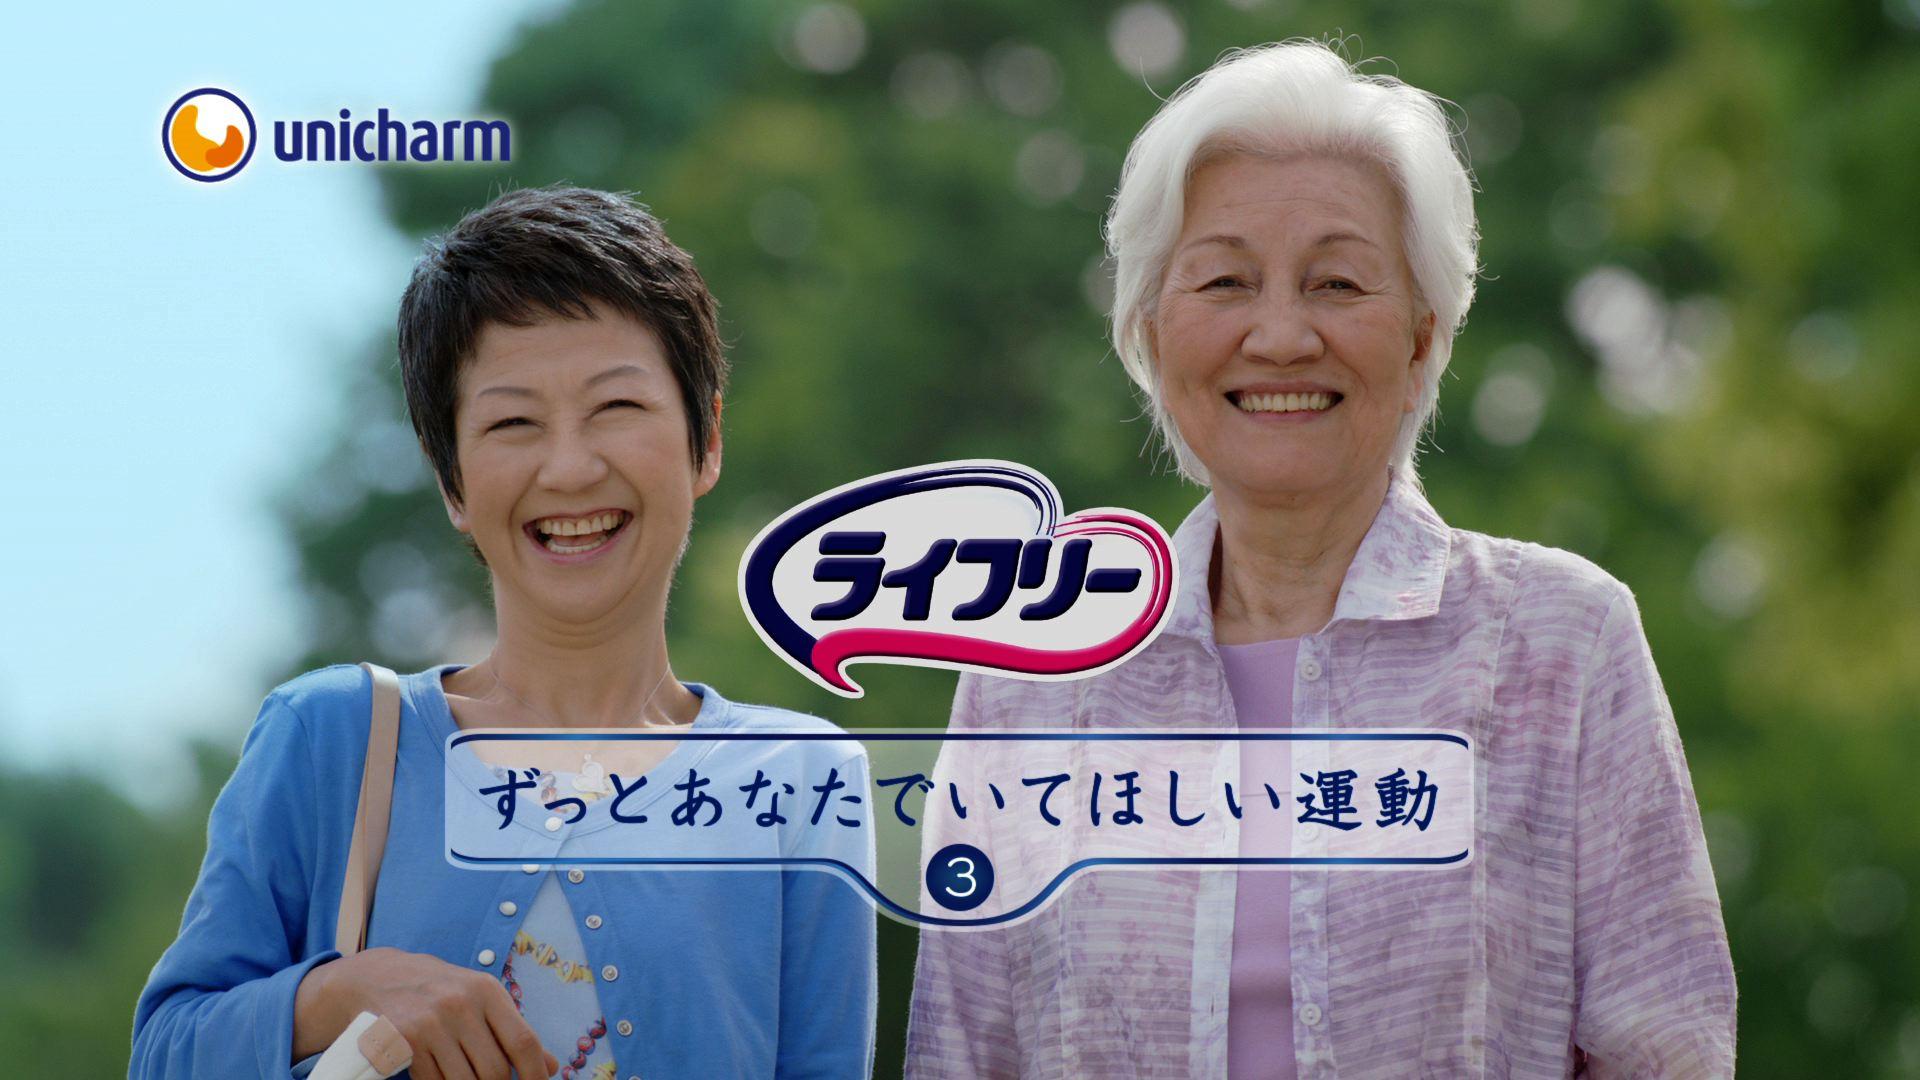 ユニ・チャーム/ライフリー